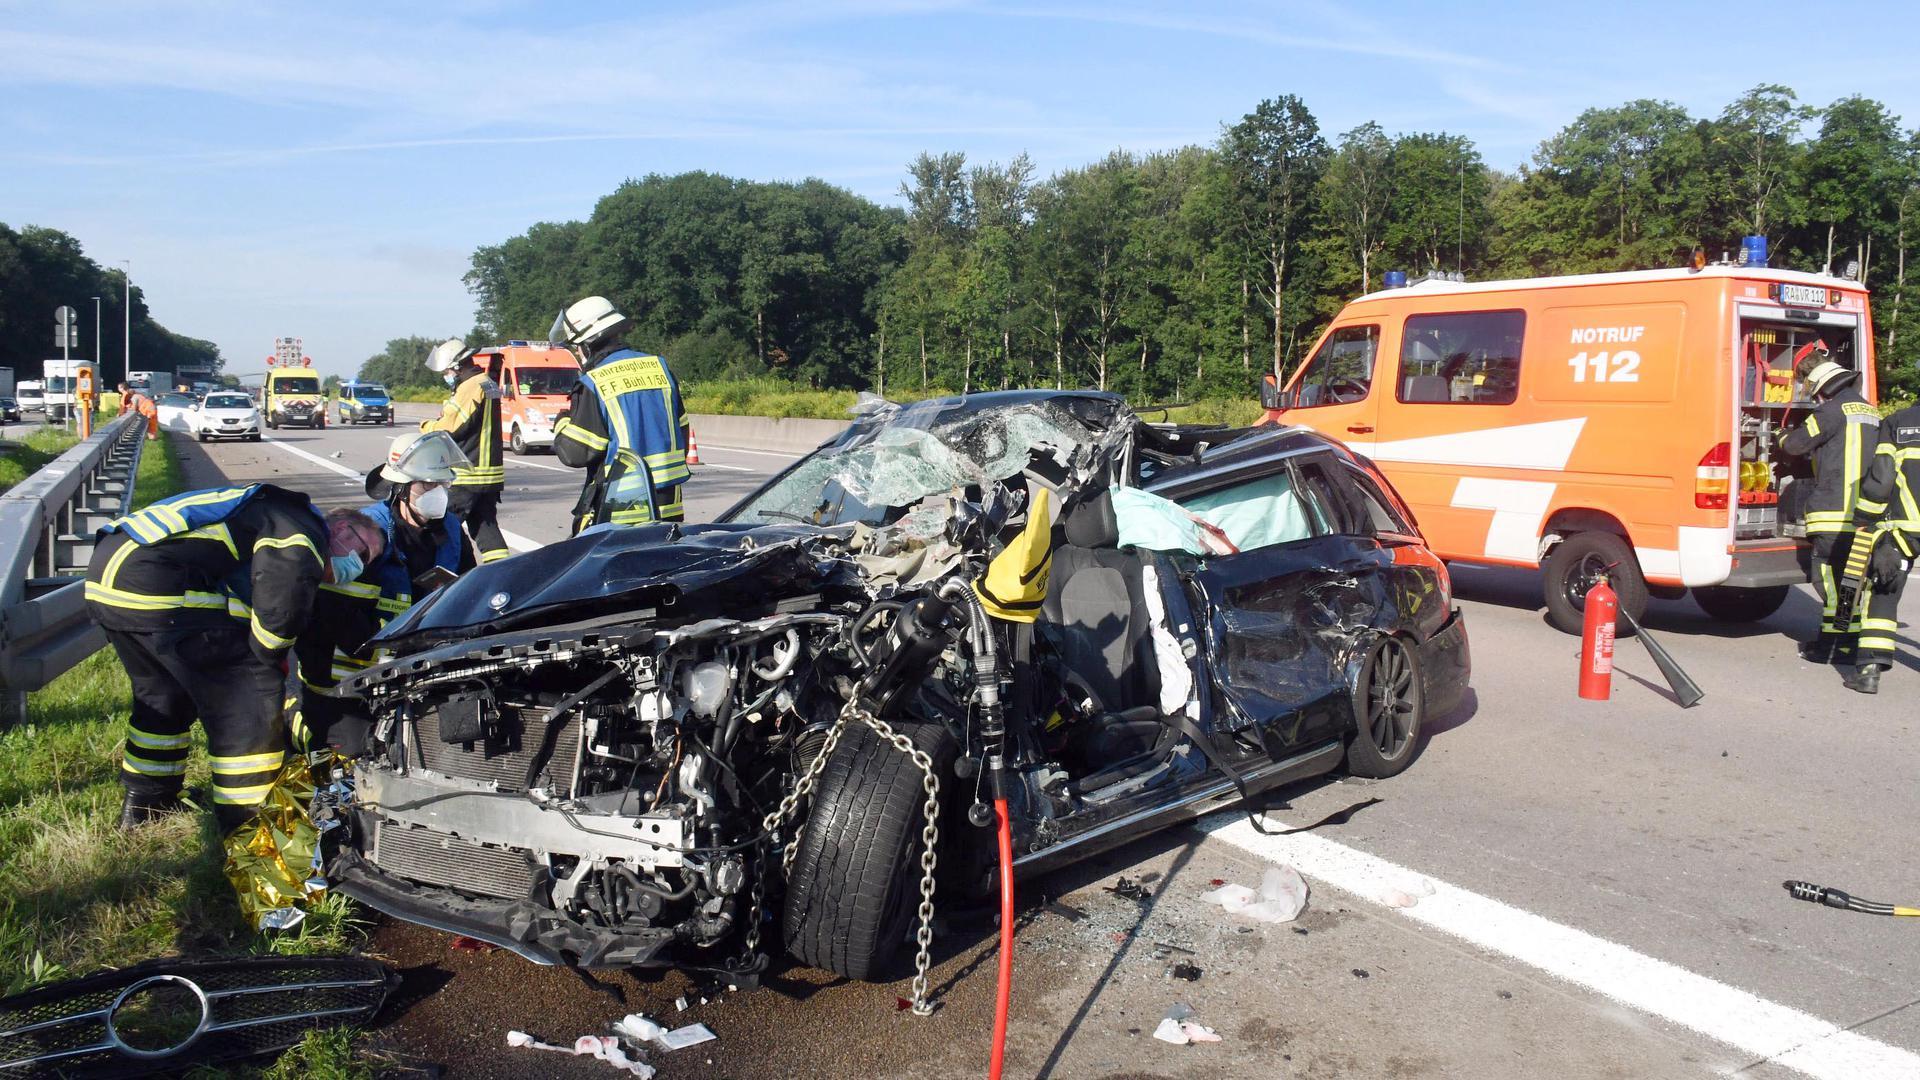 Ein geplatzter Reifen hat am Samstagmorgen auf der A5 bei Bühl für einen Unfall gesorgt: Der Reifen platzte am Wagen eines 65-Jährigen, der gegen 7.15 Uhr auf der Autobahn in Richtung Karlsruhe unterwegs war.